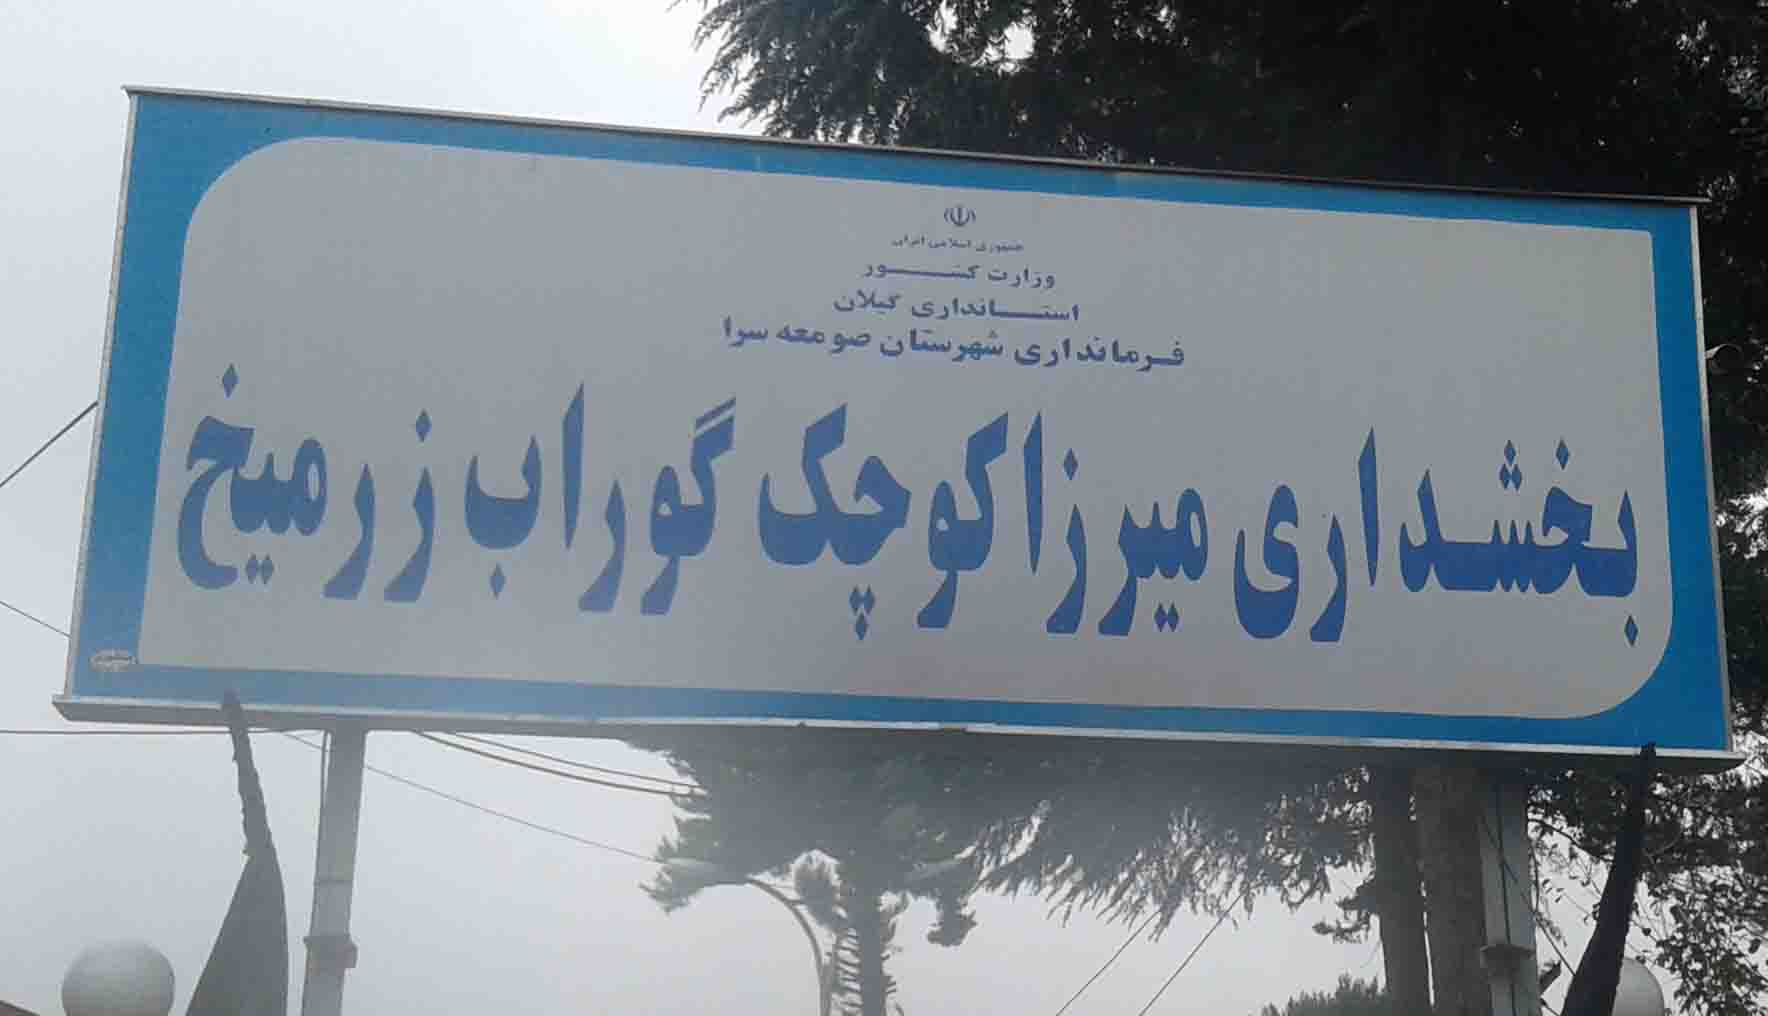 برگزاری جلسه رسیدگی به مشکلات روستای تنیان از توابع بخش میرزاکوچک